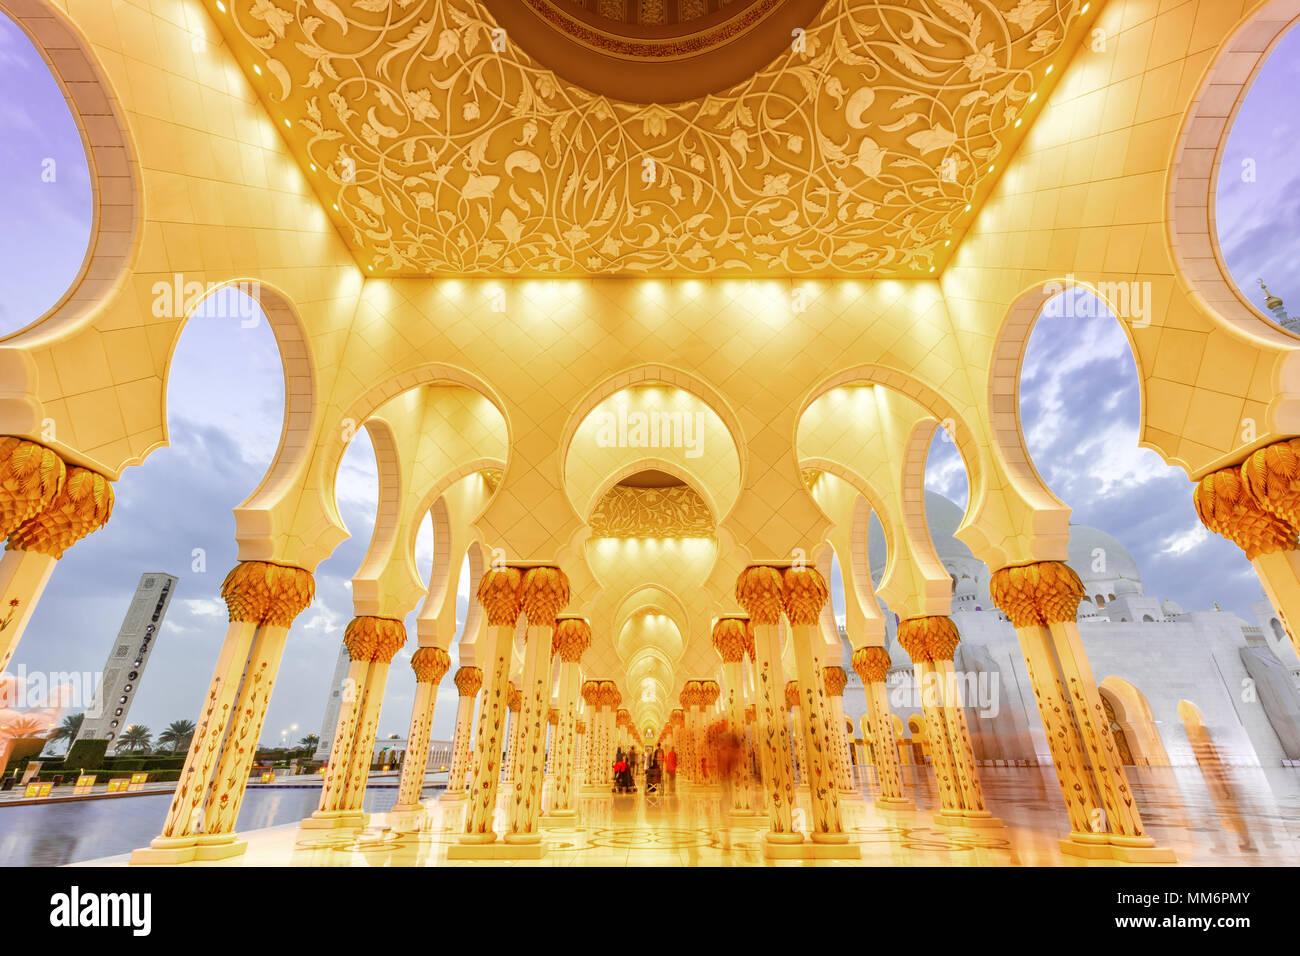 La Grande Mosquée Sheikh Zayed Abu Dhabi Émirats Arabes Unis ÉMIRATS ARABES UNIS colonnes Photo Stock